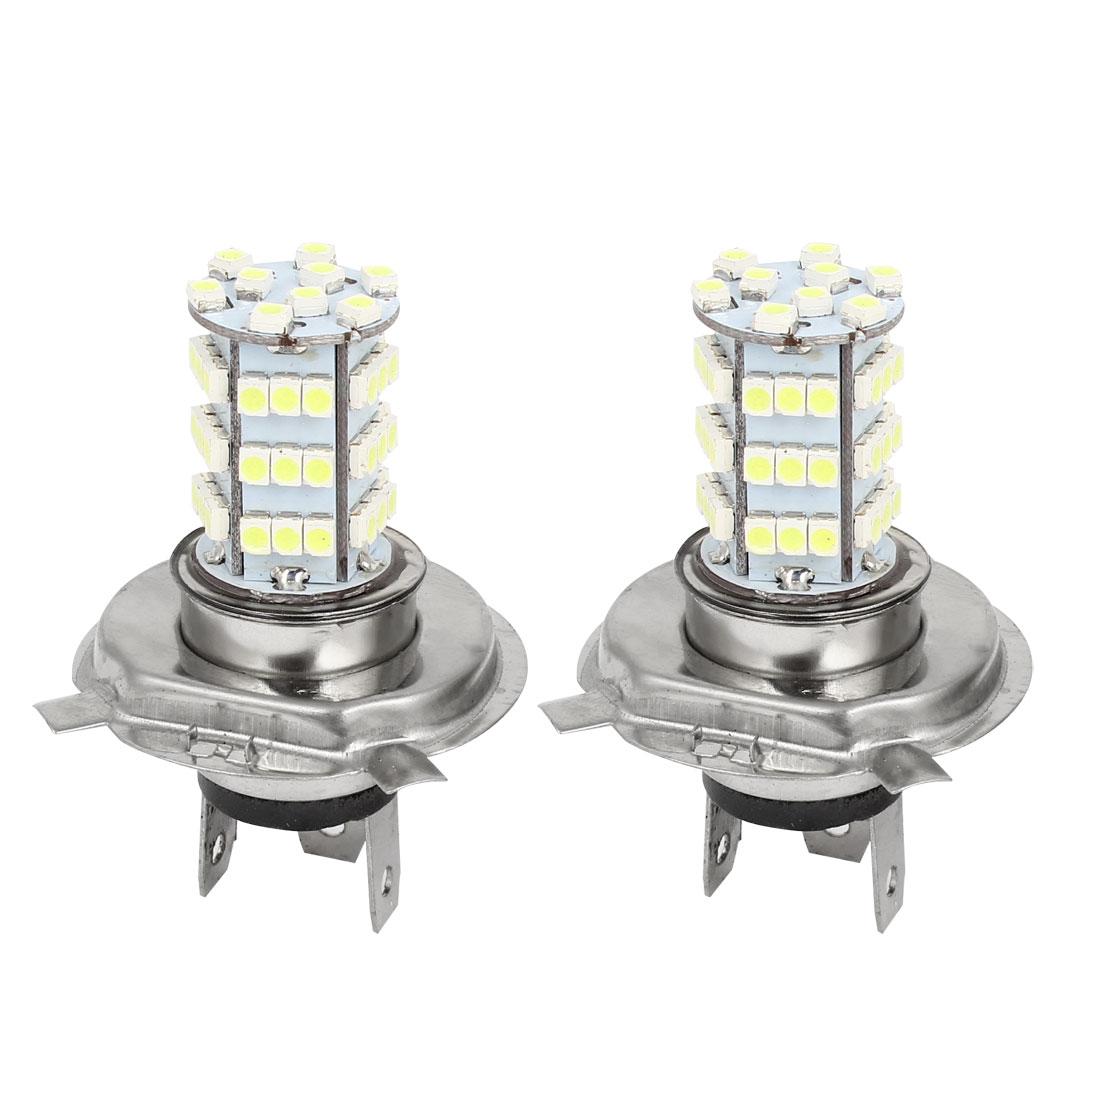 DC 12V Car Auto White H4 3528 54 LED Foglight Head Light Lamp 2 Pcs